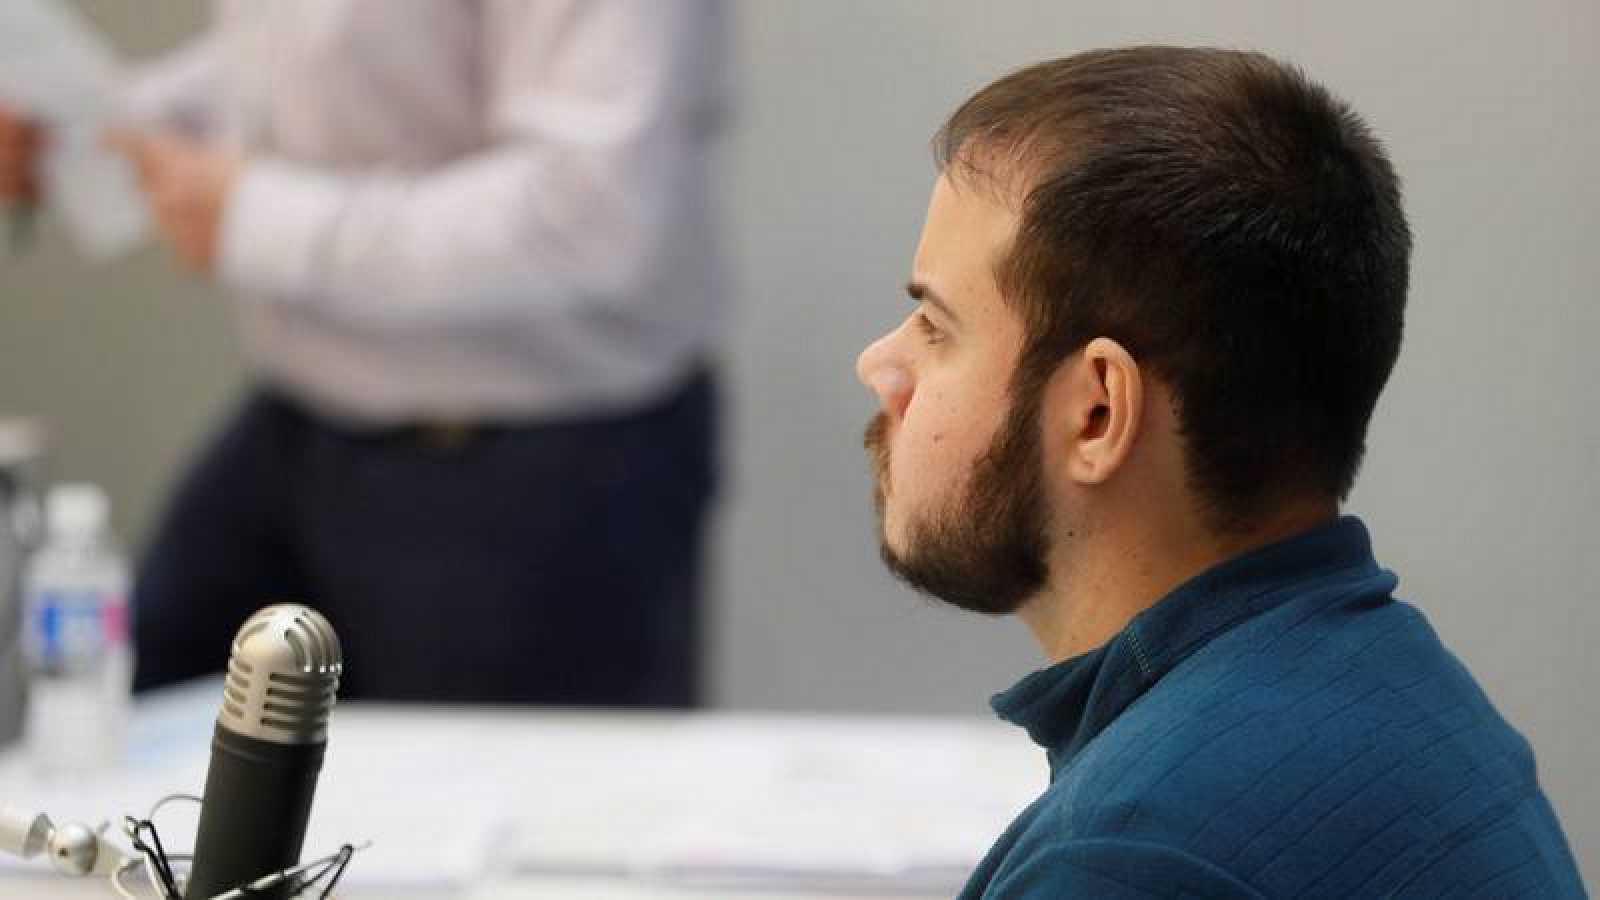 Pablo Hasel durante el juicio por enaltecimiento del terrorismo e insultar a la Corona y a los Cuerpos de Seguridad en Twitter y YouTube.